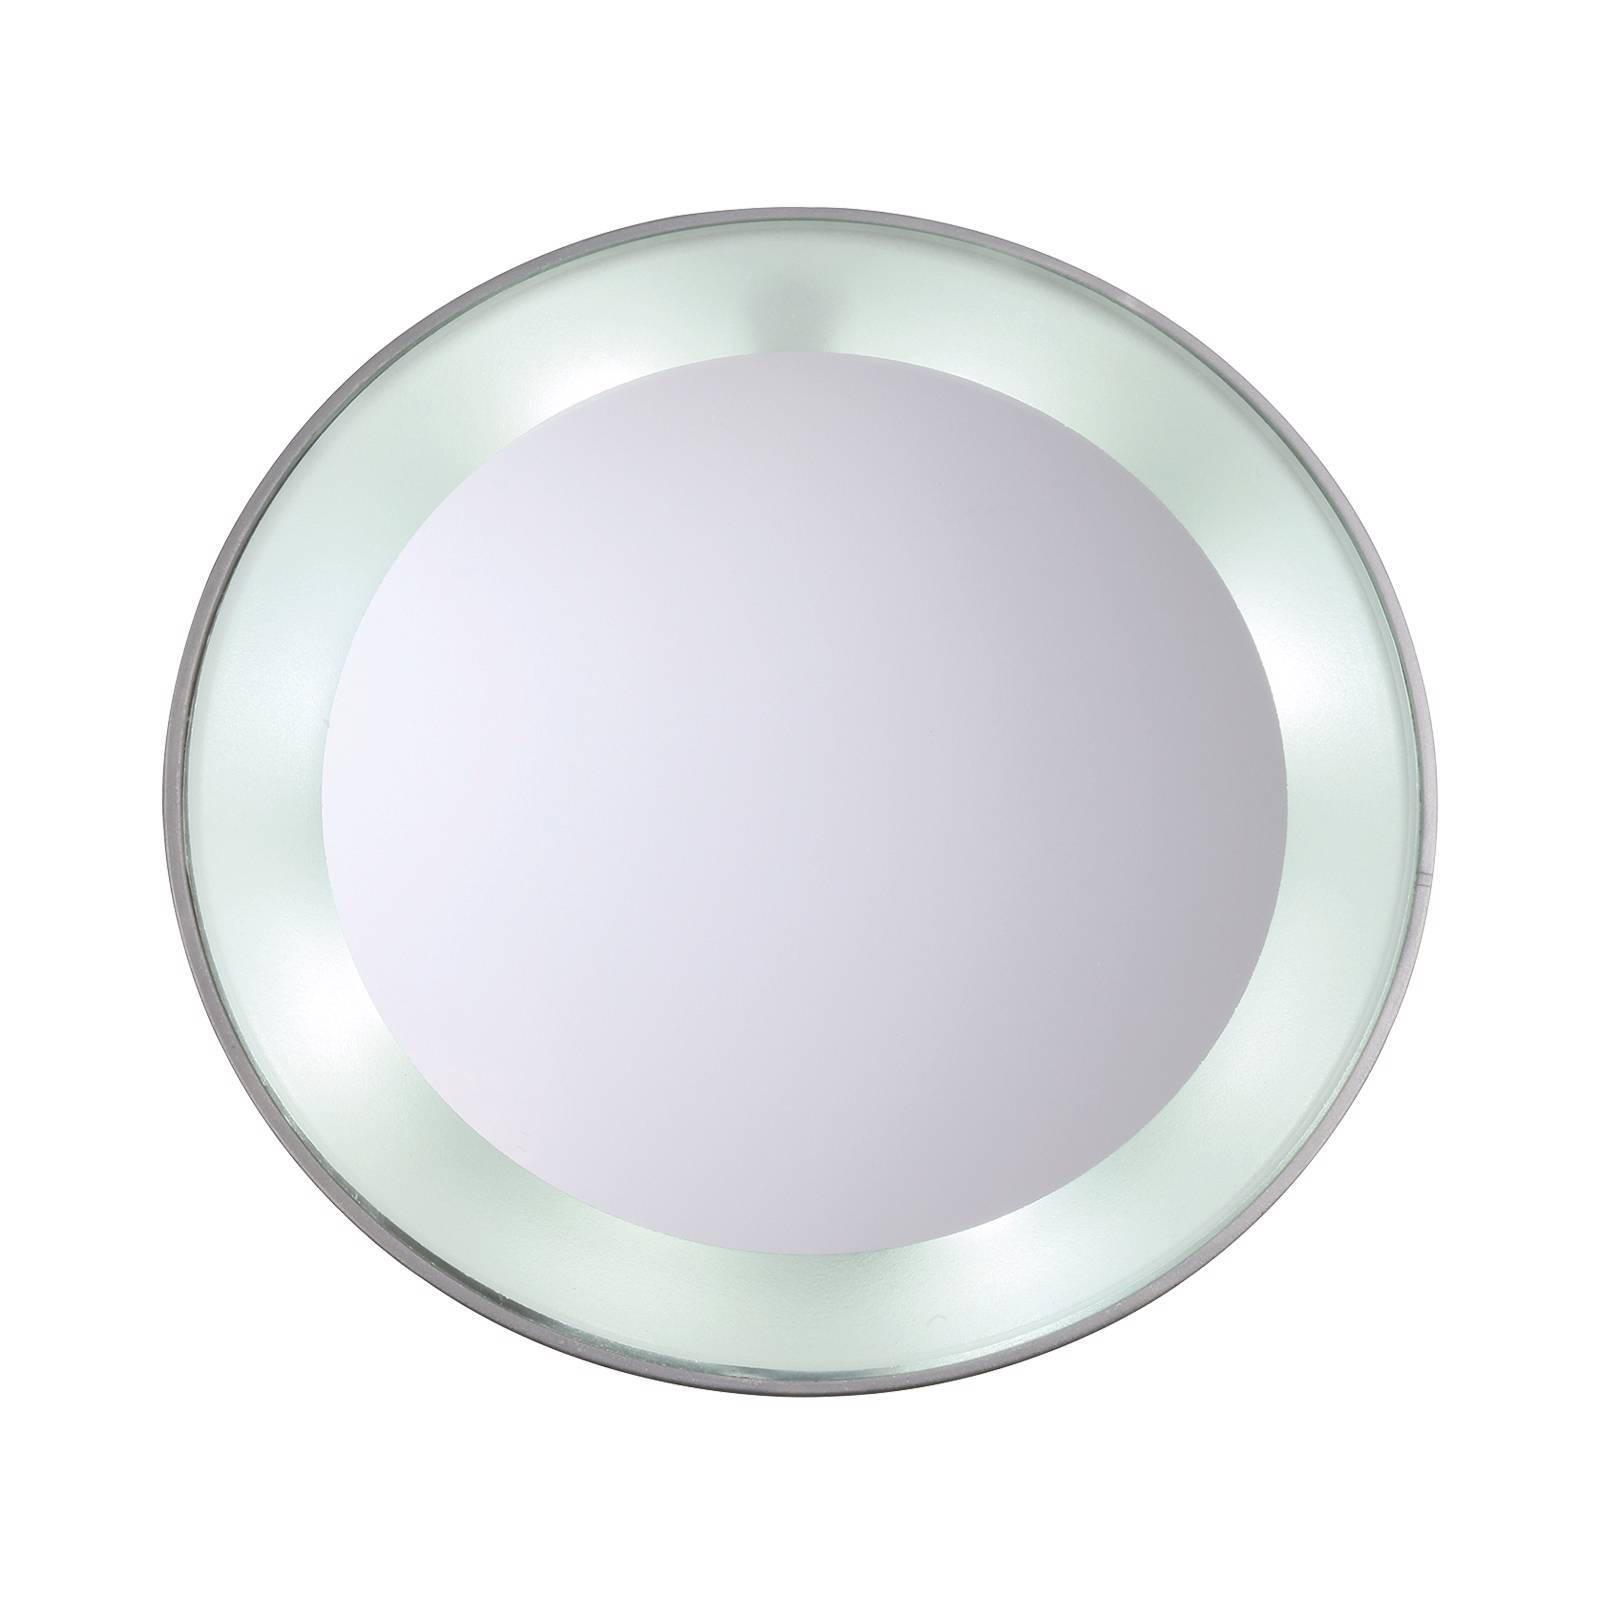 Tweezerman 15x vergrotende spiegel met LED licht | wehkamp